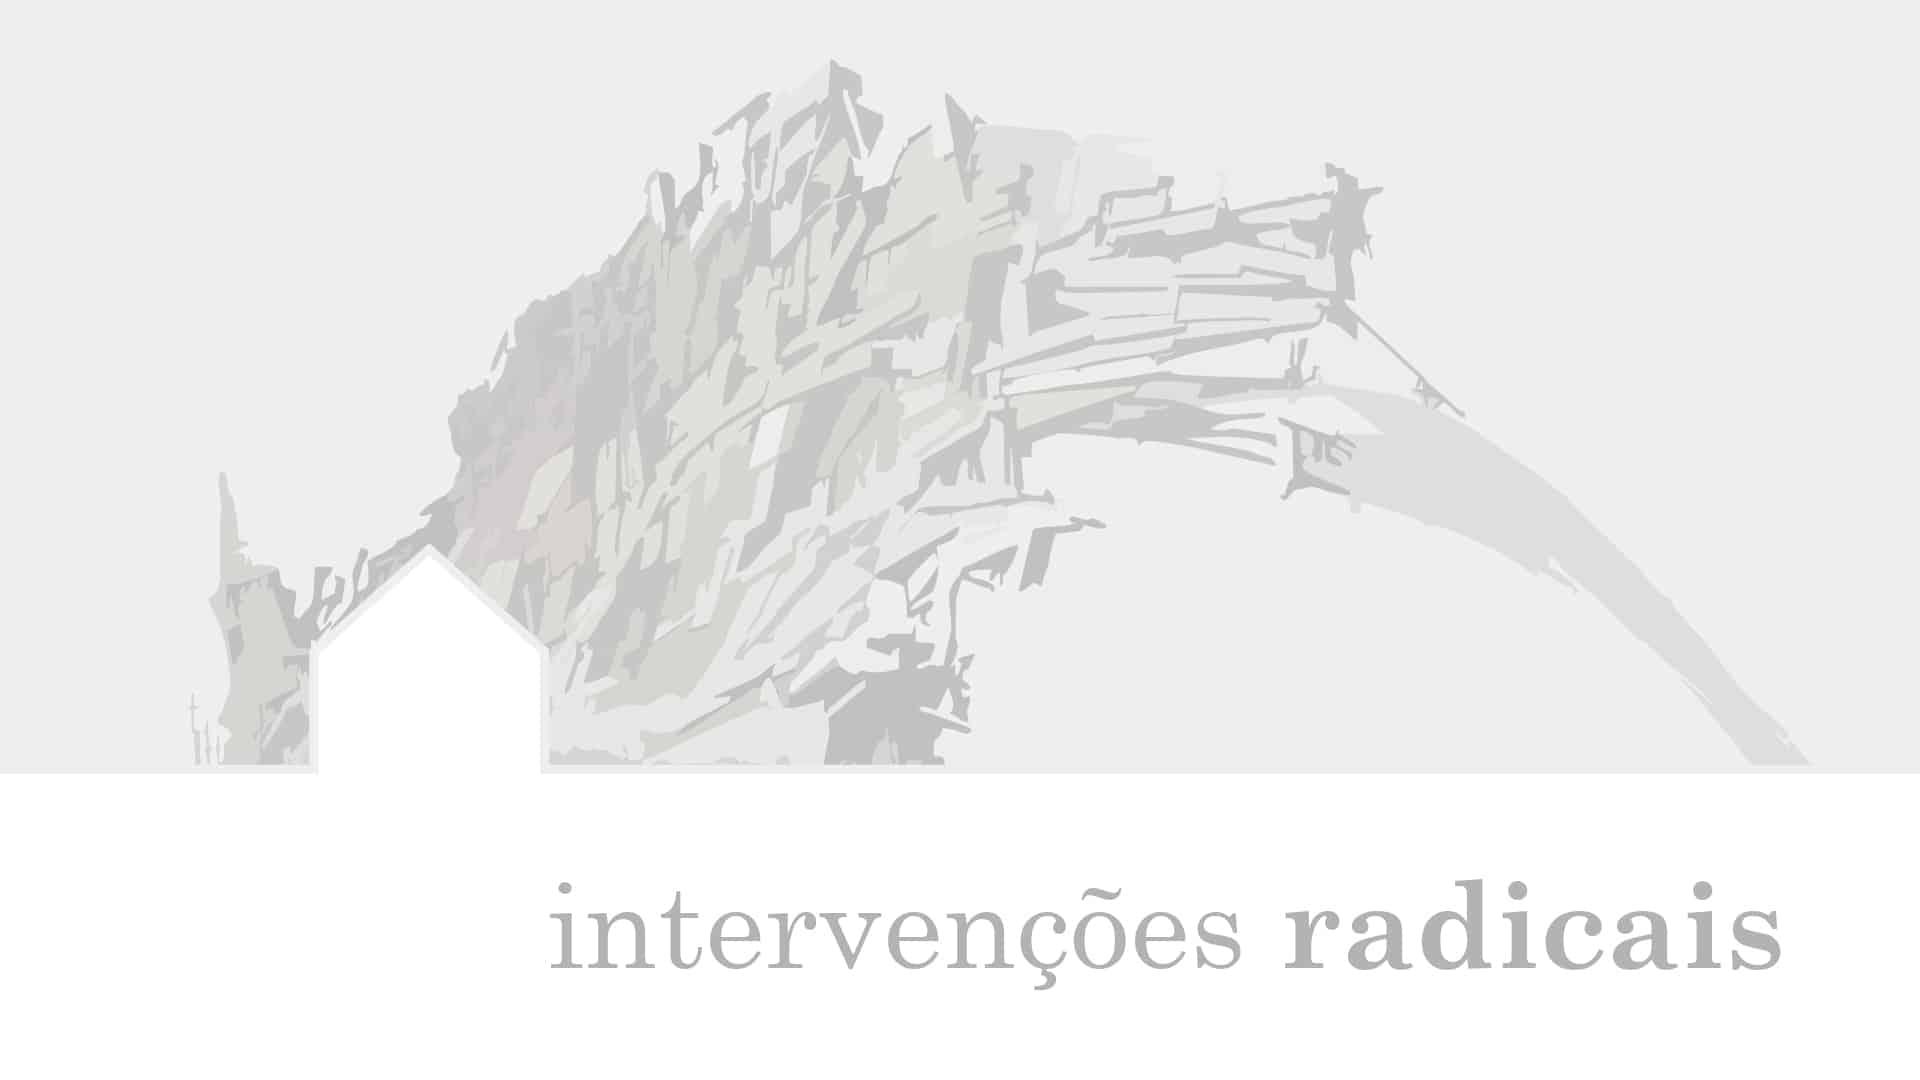 Intervenções Radicais